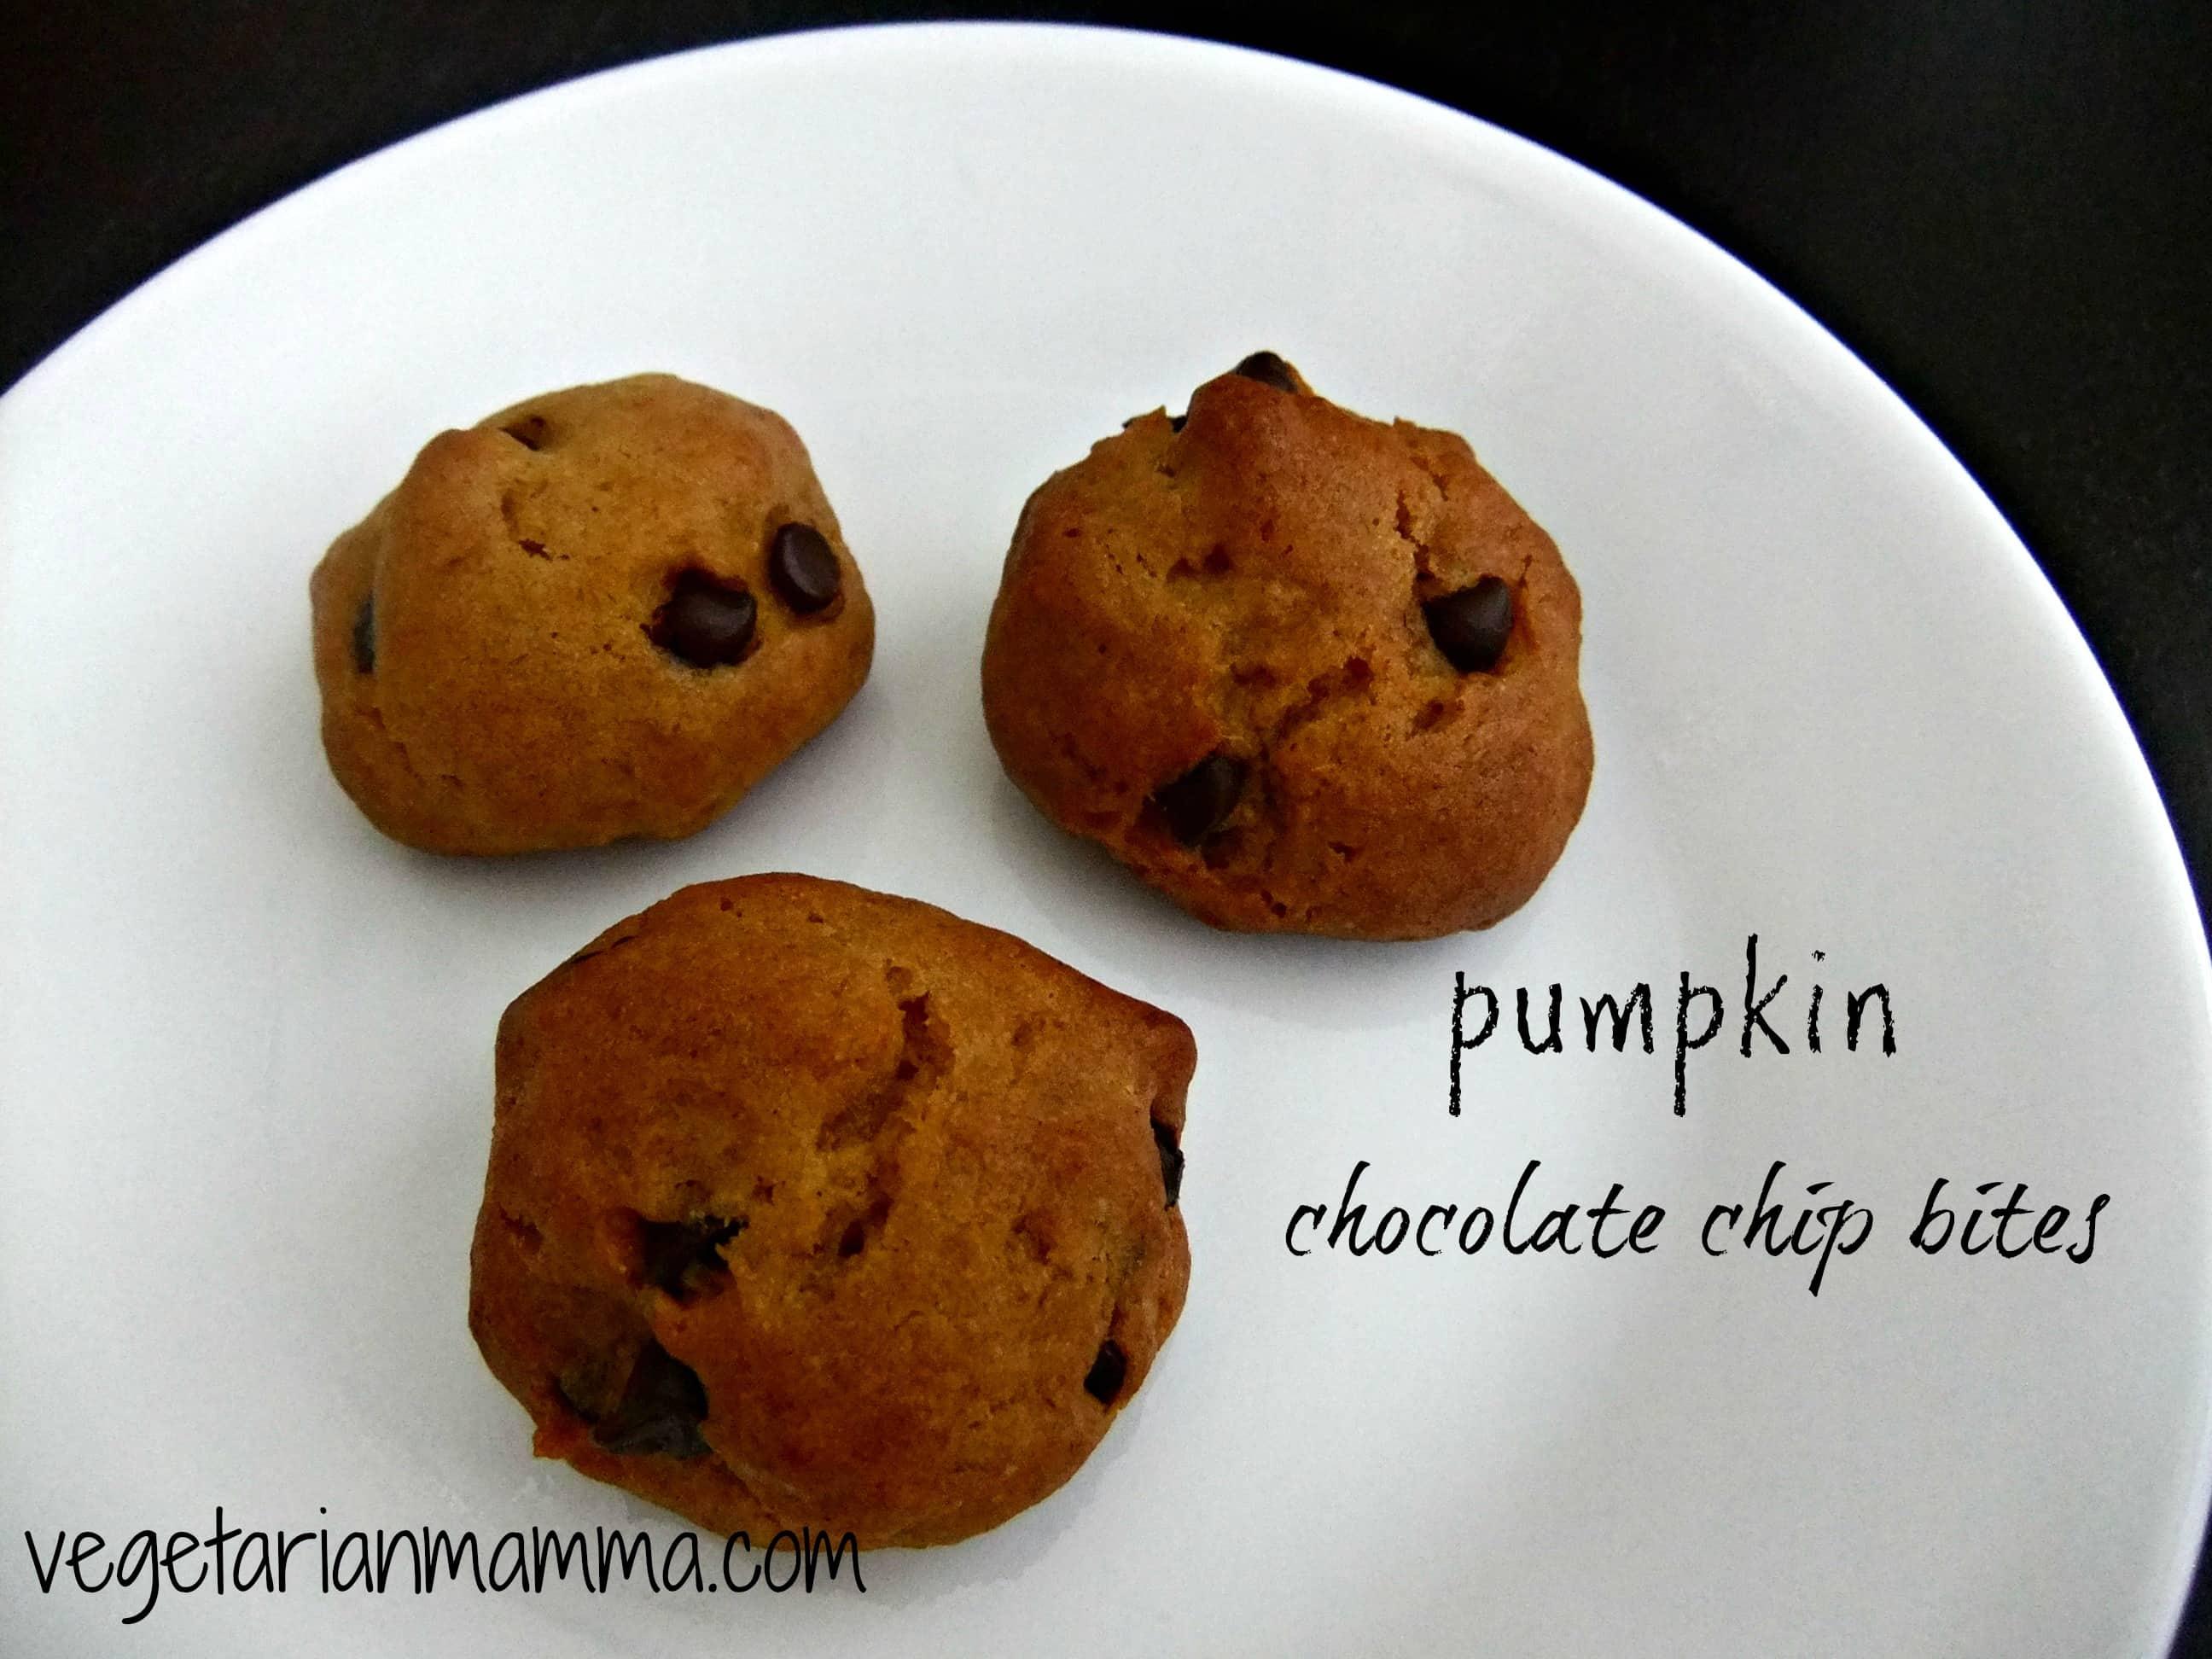 pumpkin chocolate chip bites gluten free